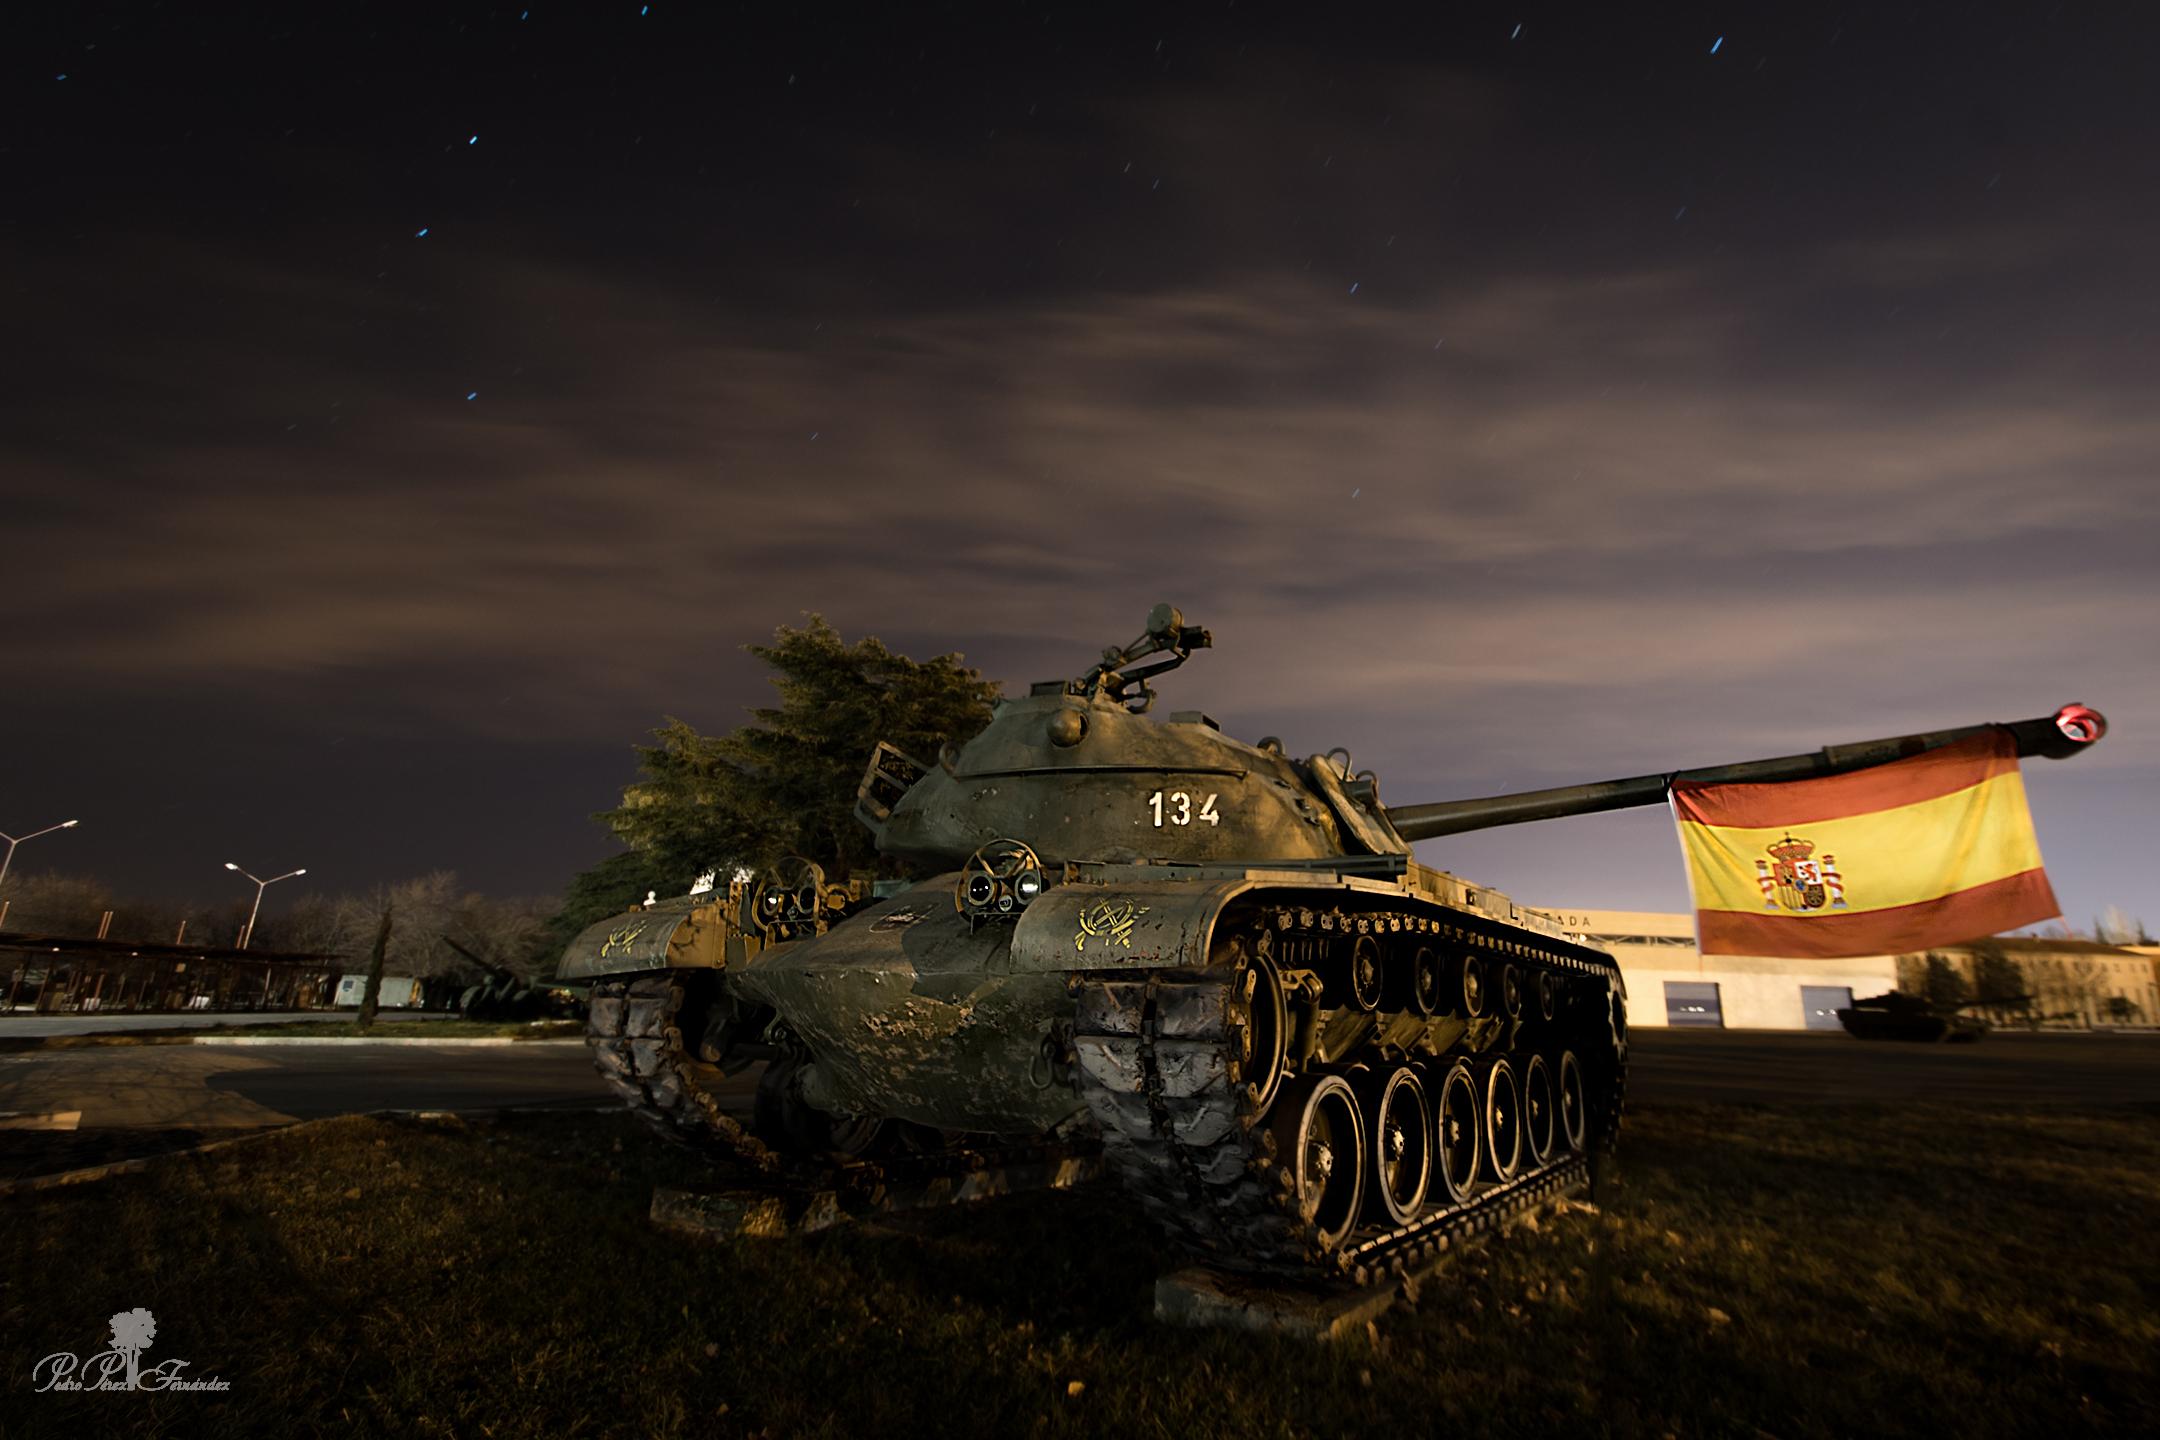 Masaustu Manzara Boyama Gece Gokyuzu Arac Silah Tank